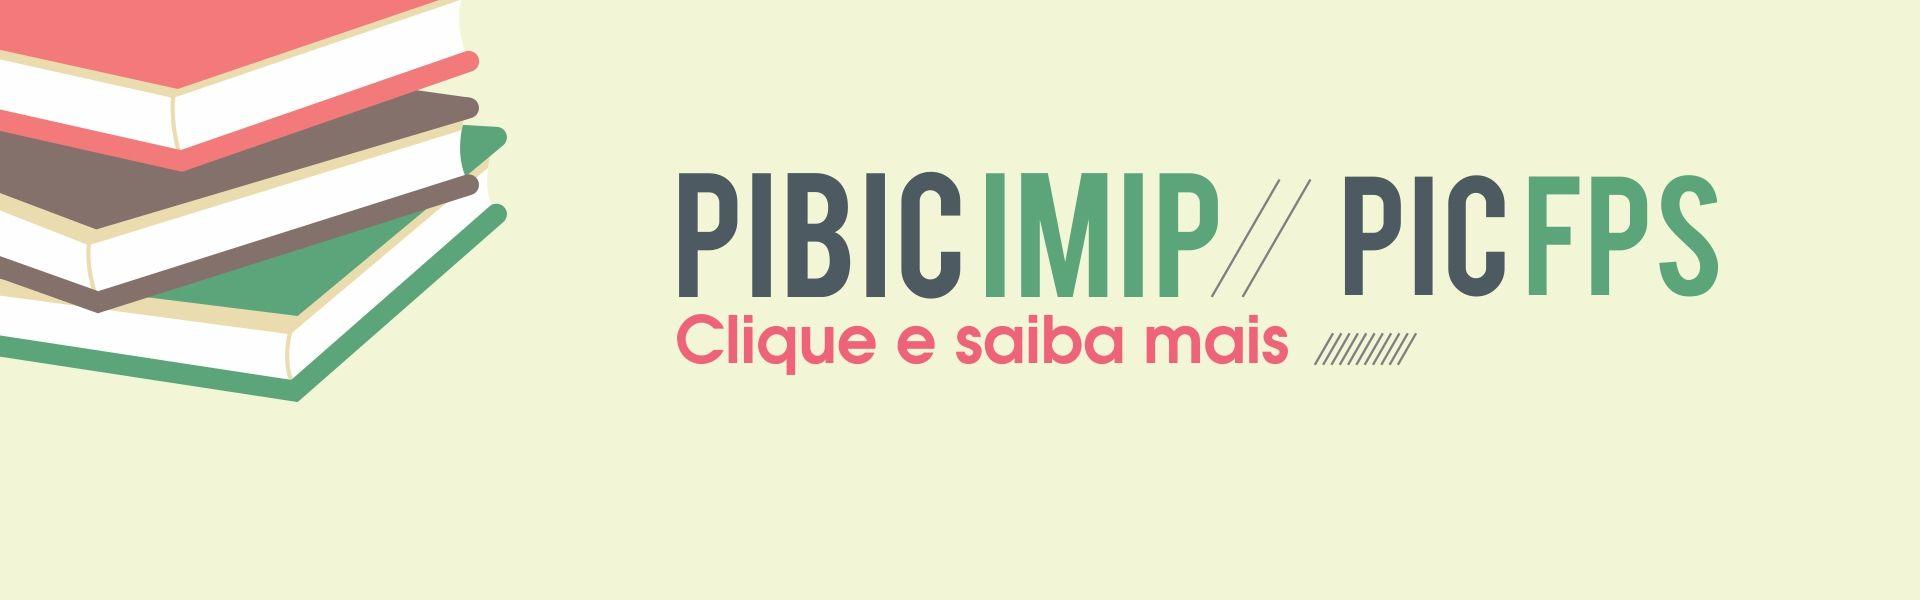 pibic